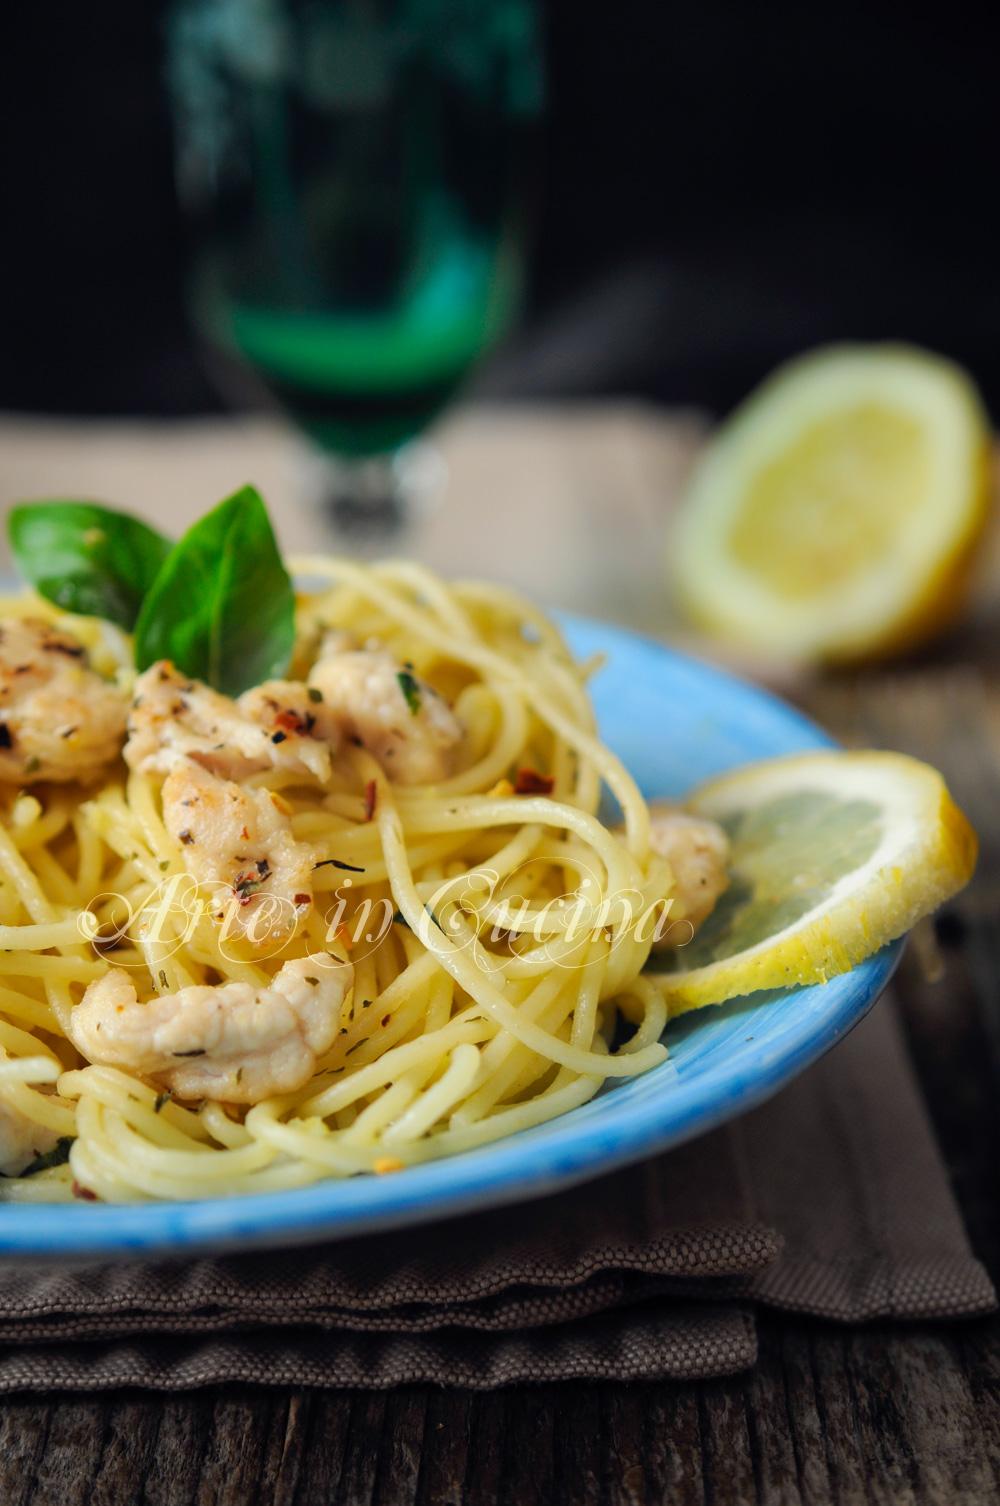 Spaghetti con pollo al limone ricetta veloce vickyart arte in cucina